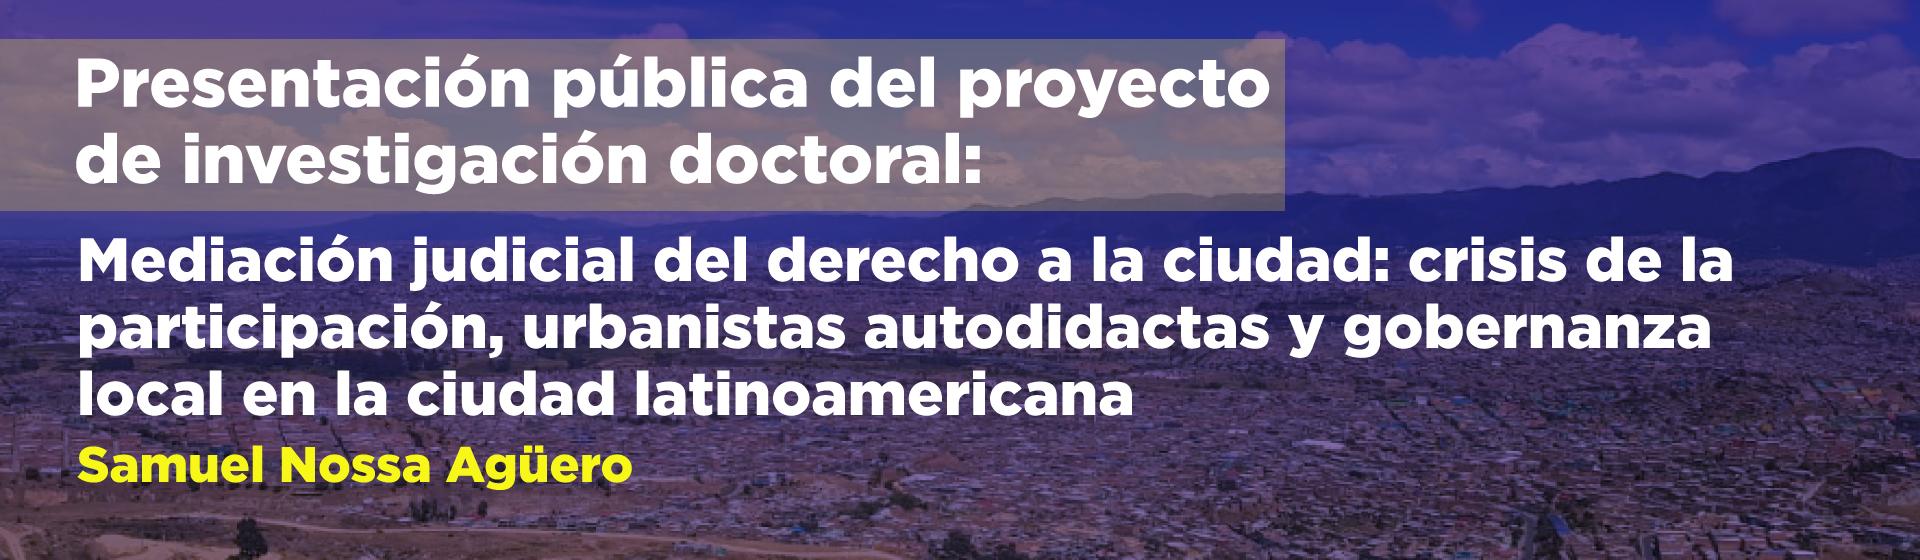 Presentación proyecto de investigación doctoral: Samuel Nossa - Cider | Uniandes